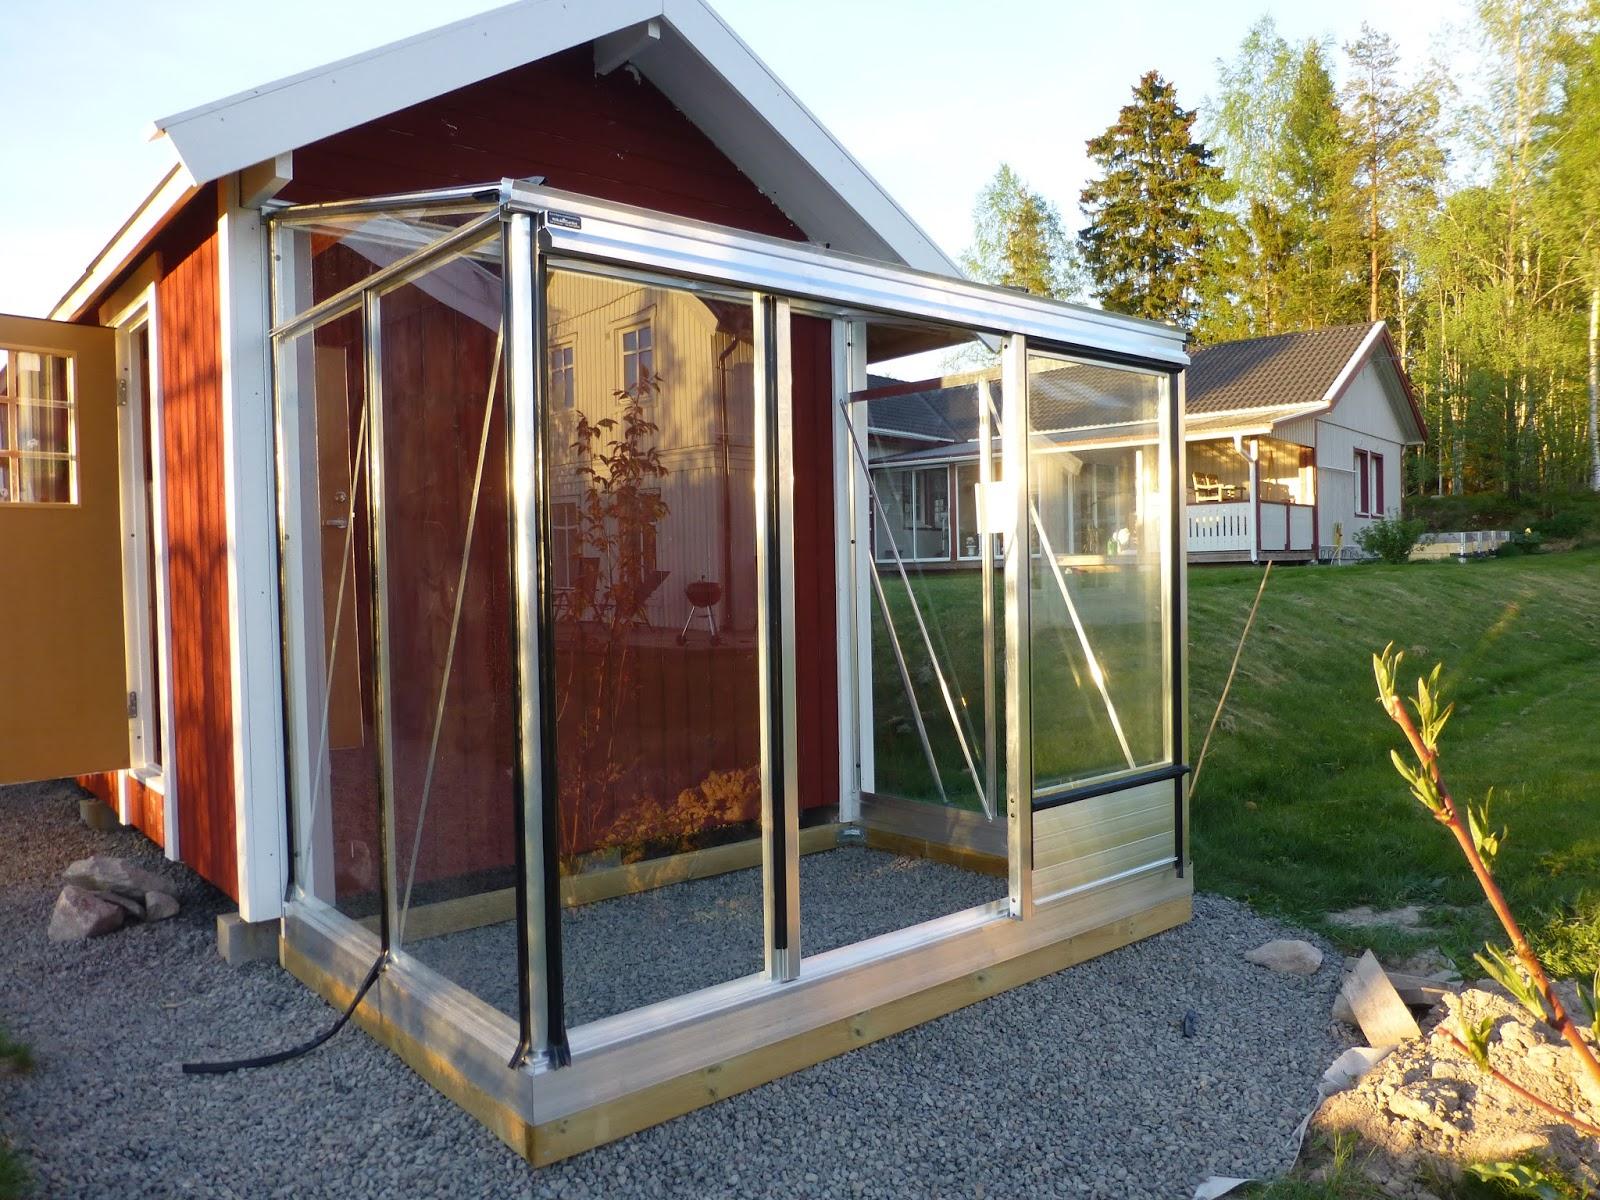 alexandras garten in schweden ein gew chshaus w chst teil 3. Black Bedroom Furniture Sets. Home Design Ideas